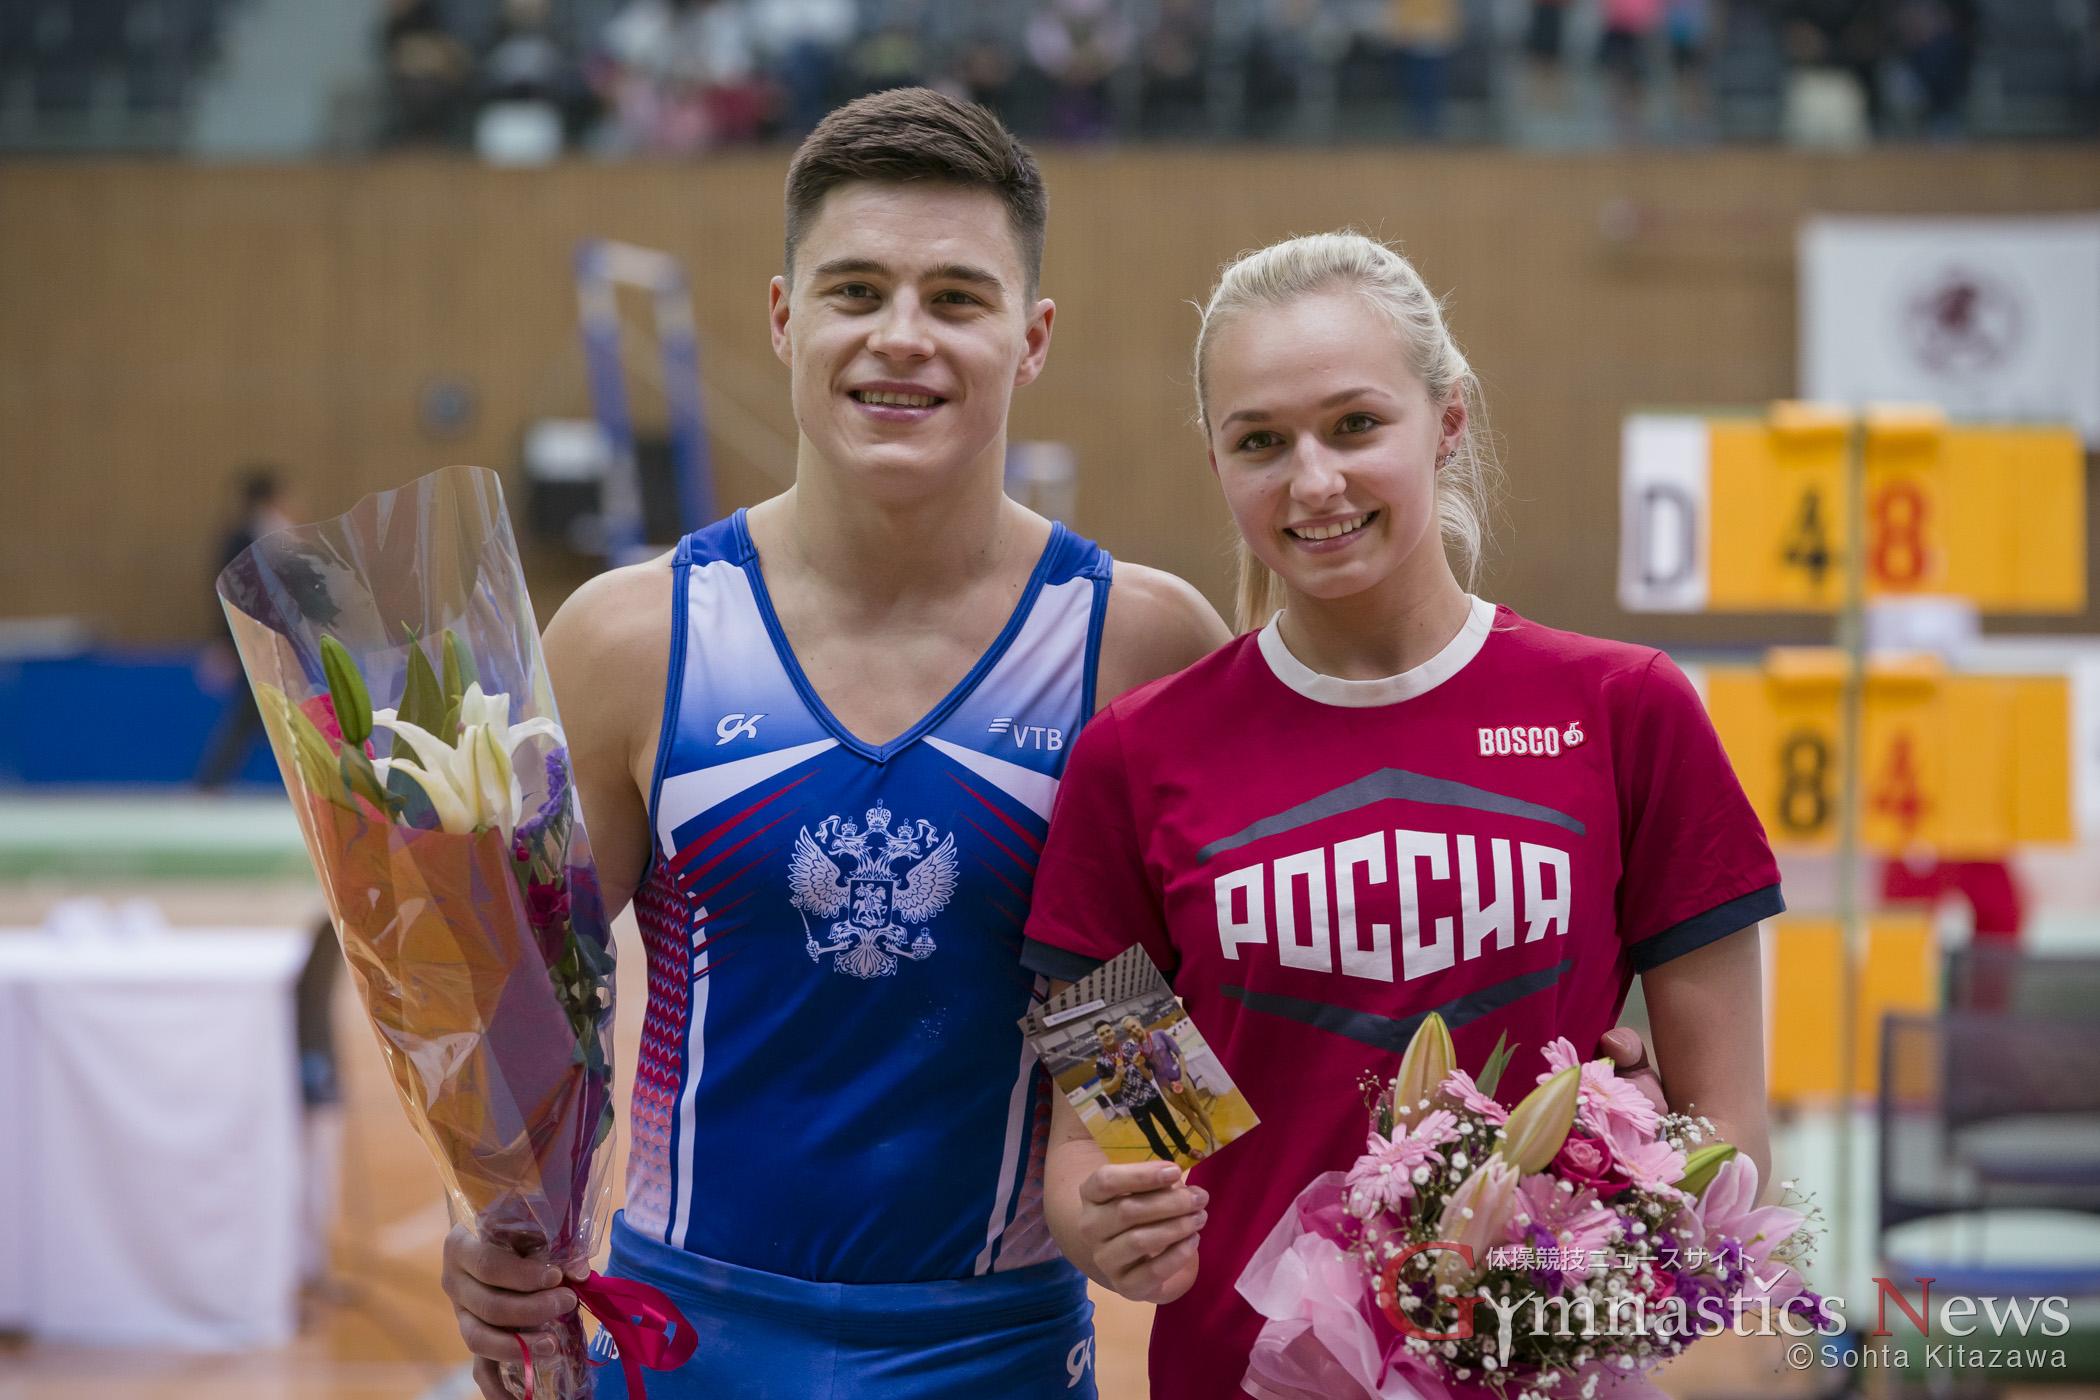 ナゴルニーとスピリドノワ